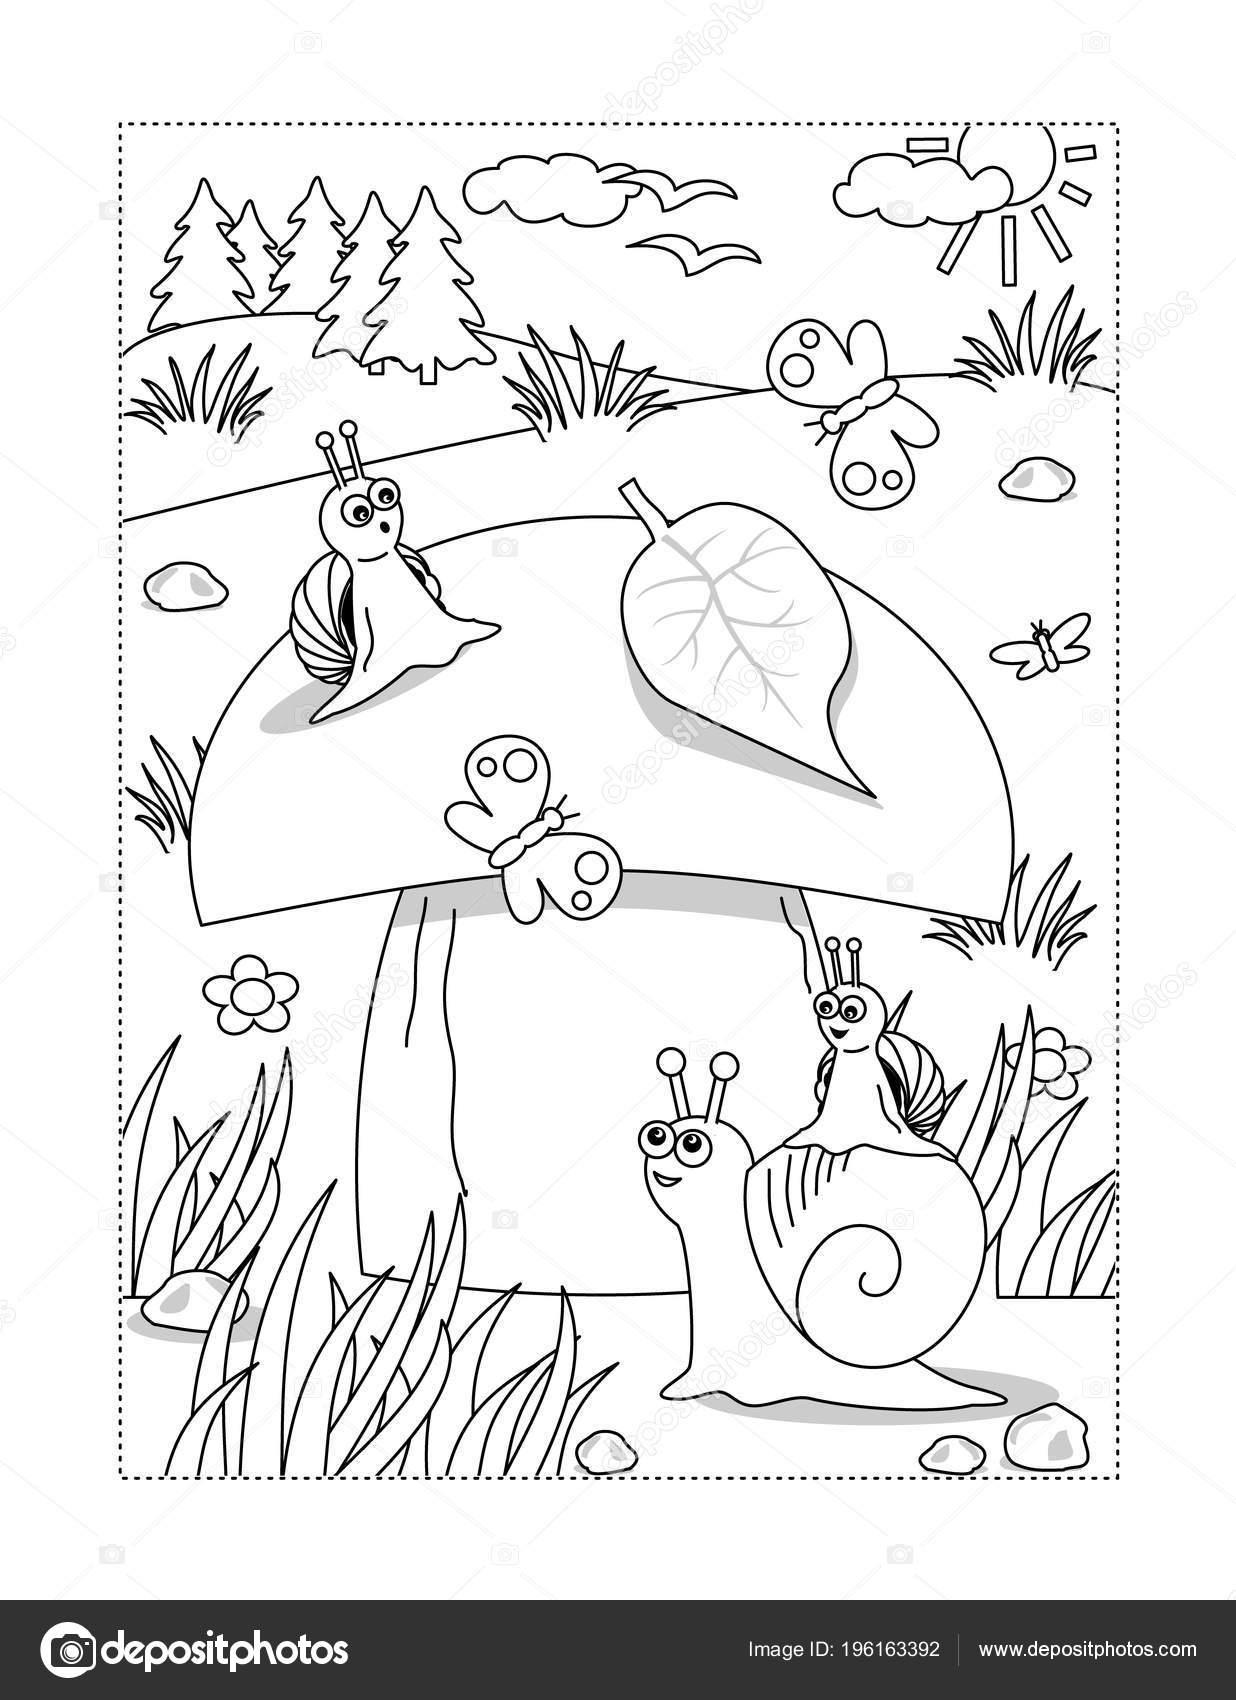 Coloriage Escargot Automne.Ete Automne Page Coloriage Sur Theme Joie Avec Gros Champignon